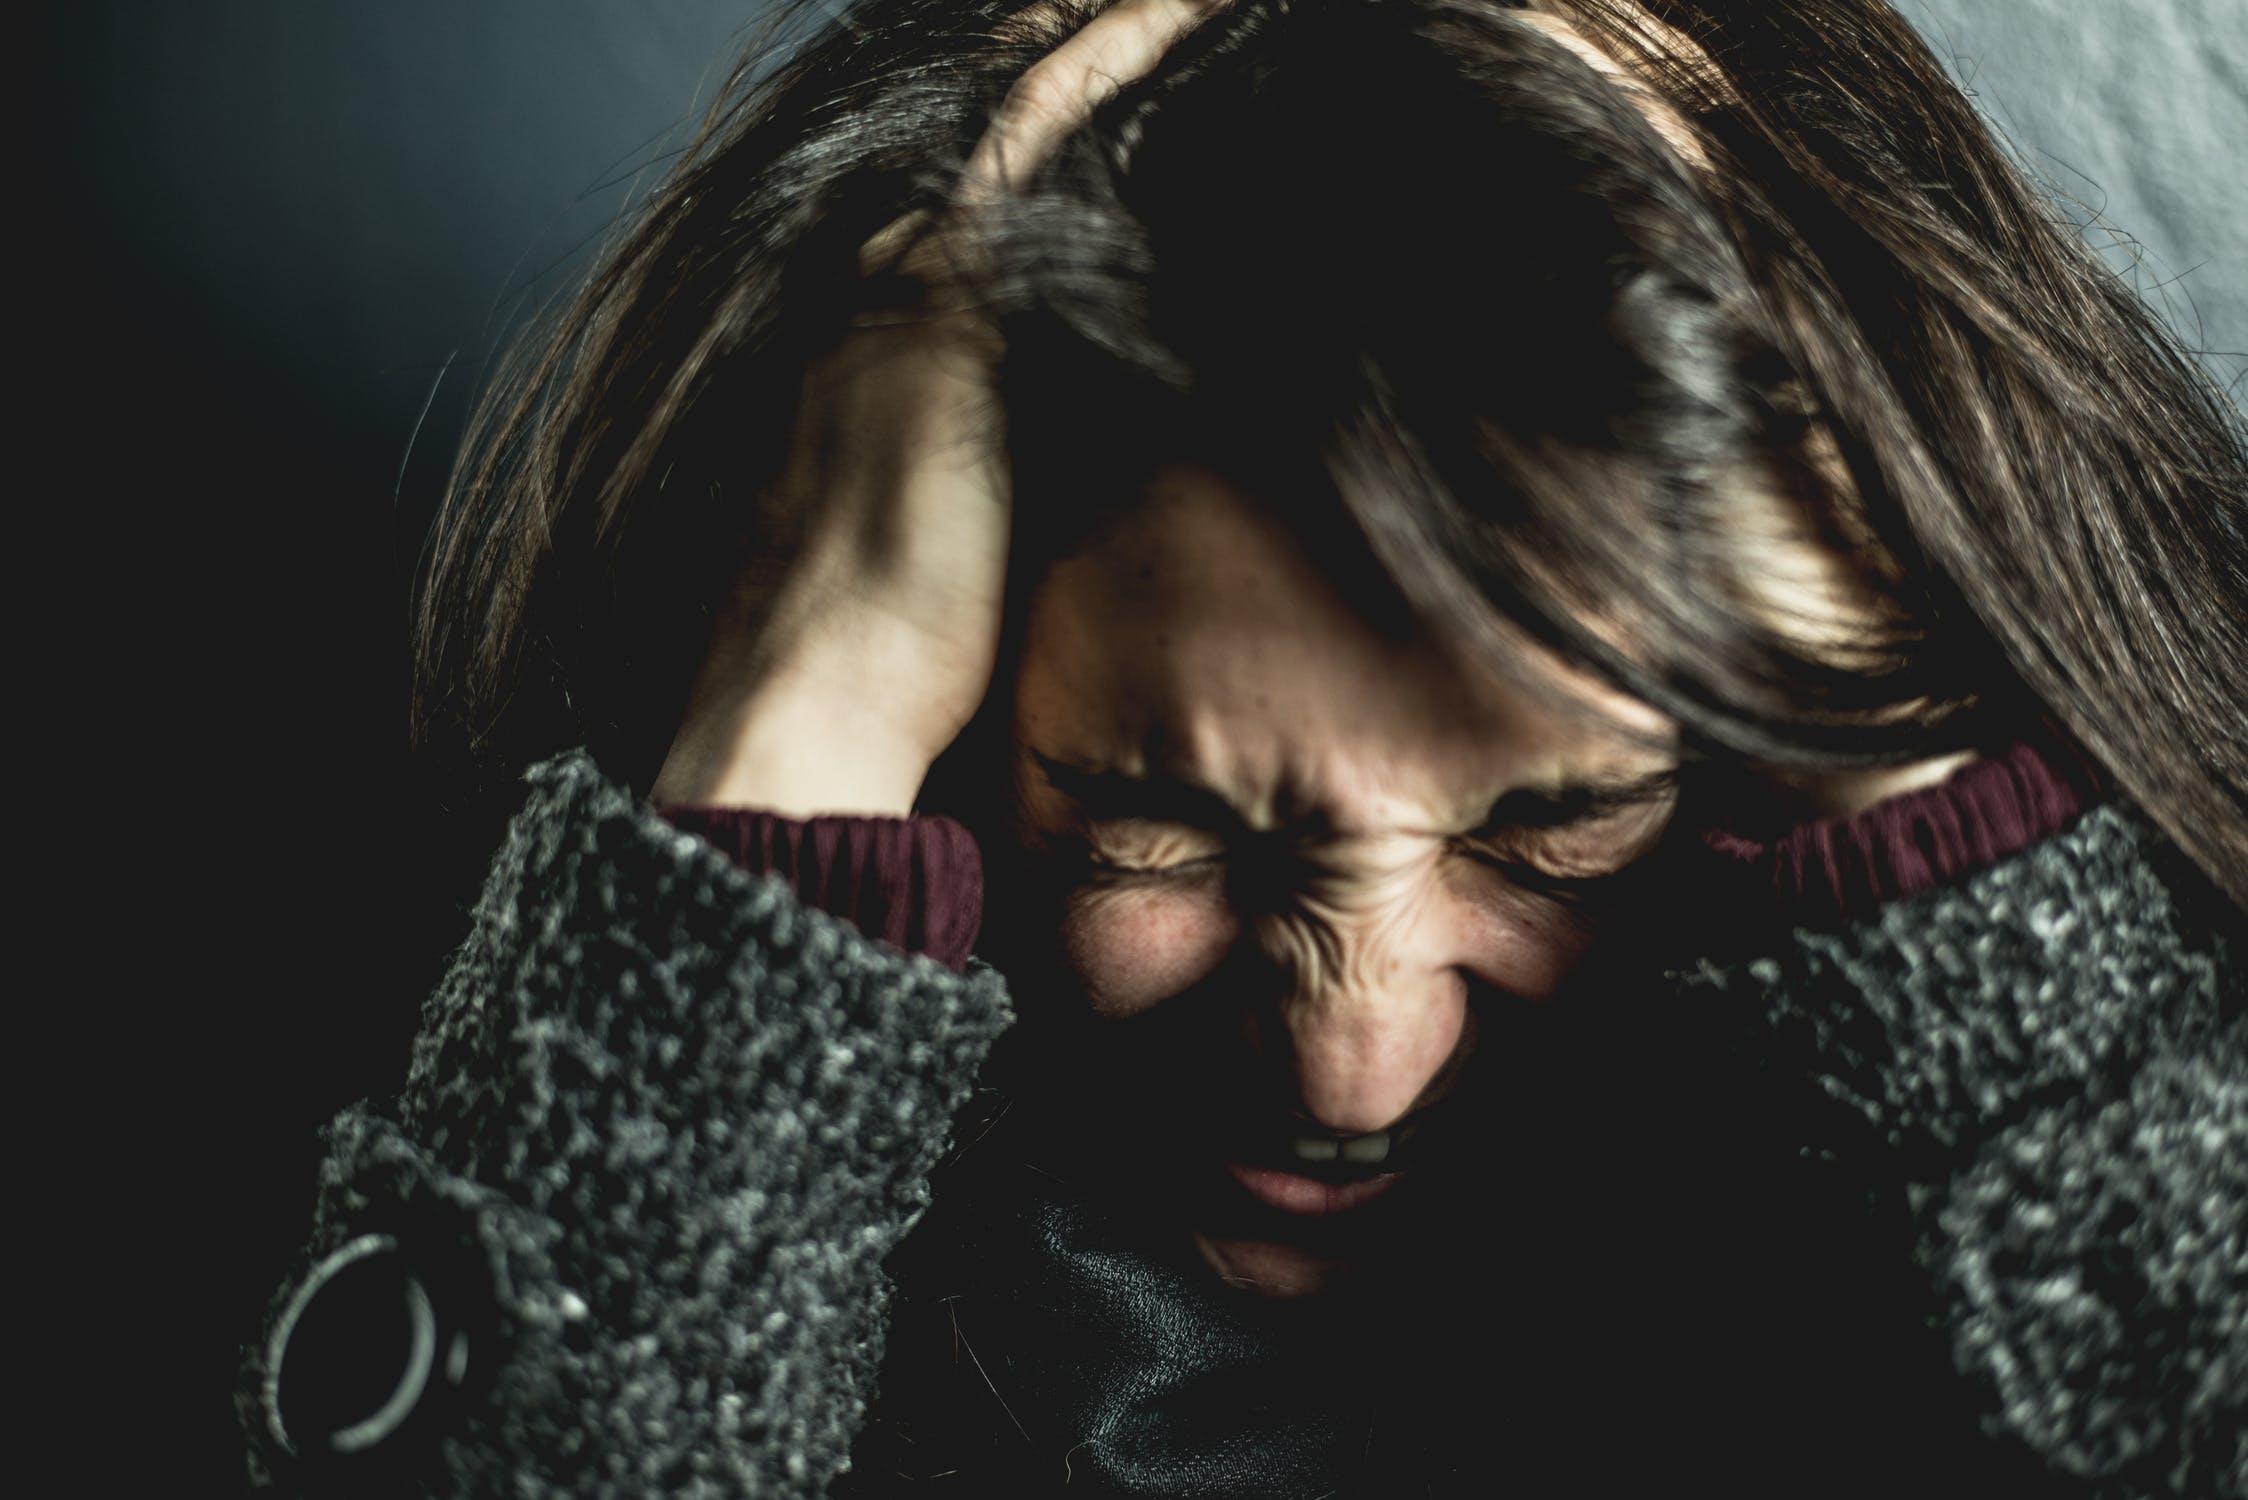 Страх и ужас. Как победить панические атаки | cheltv.ru